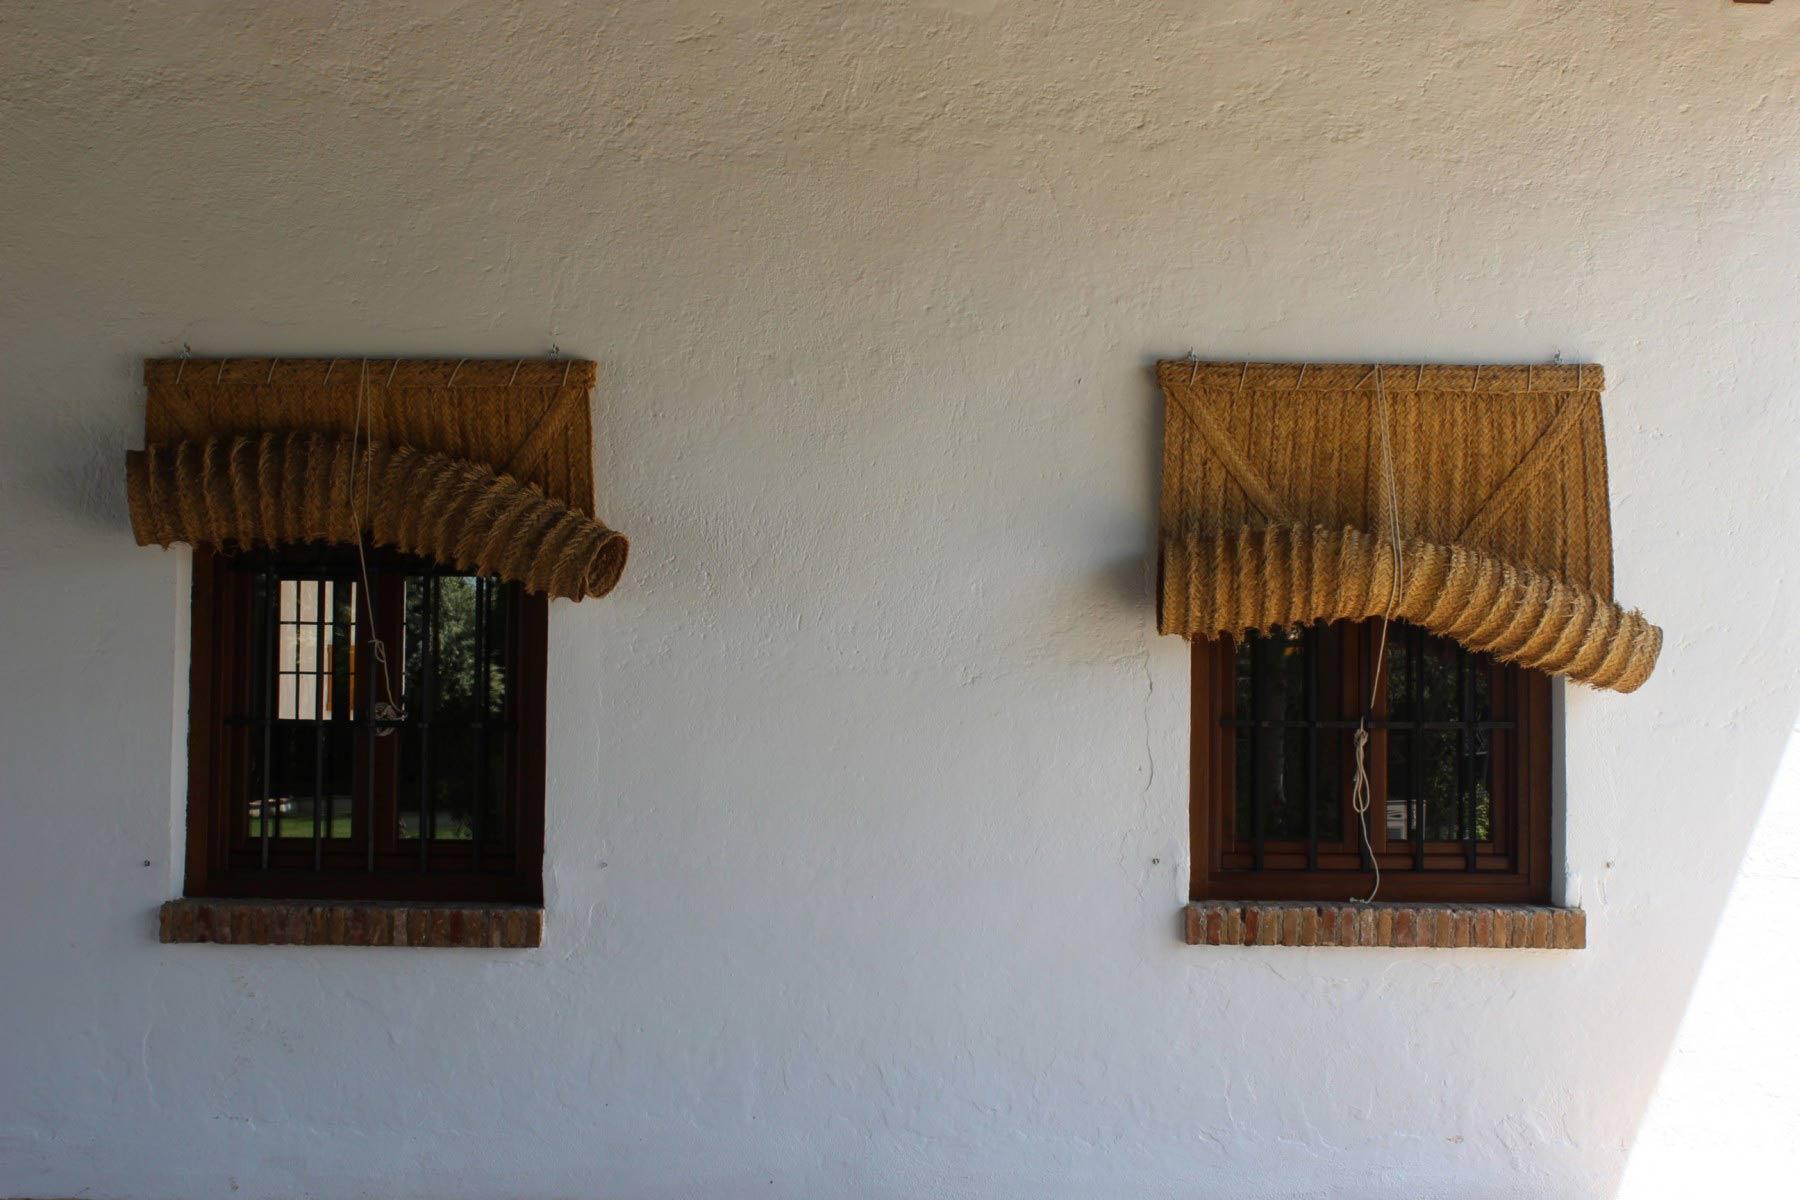 Ventanas de madera con alero de esparto